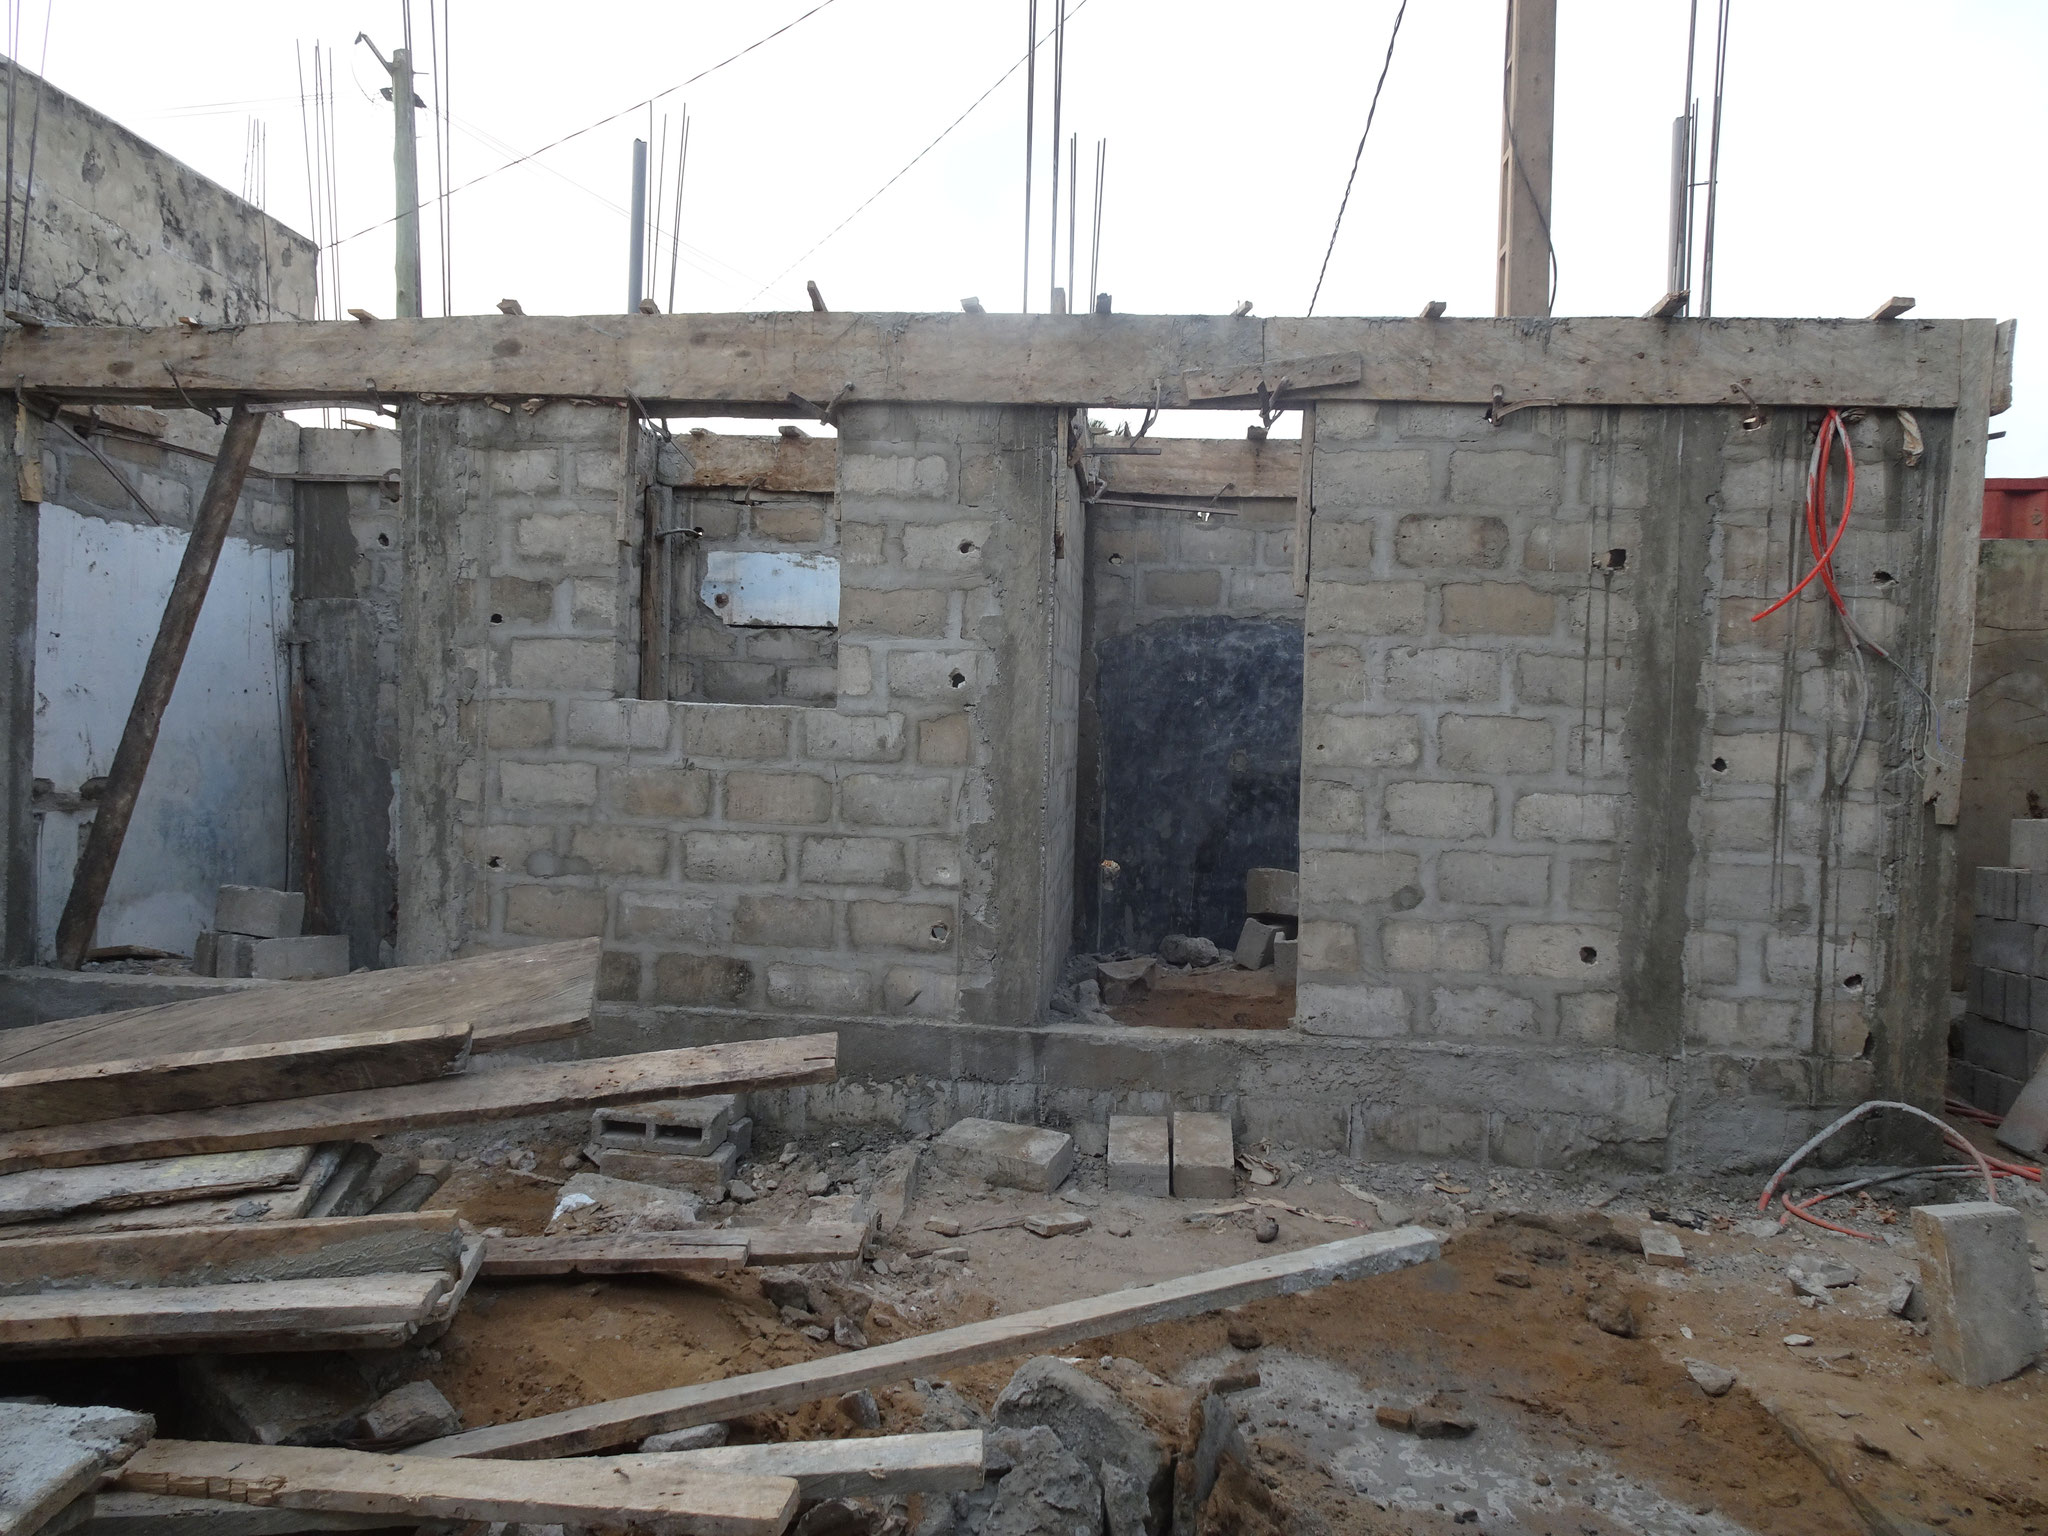 Oberhalb der Fenster und Türen ist Armierungseisen und Beton.